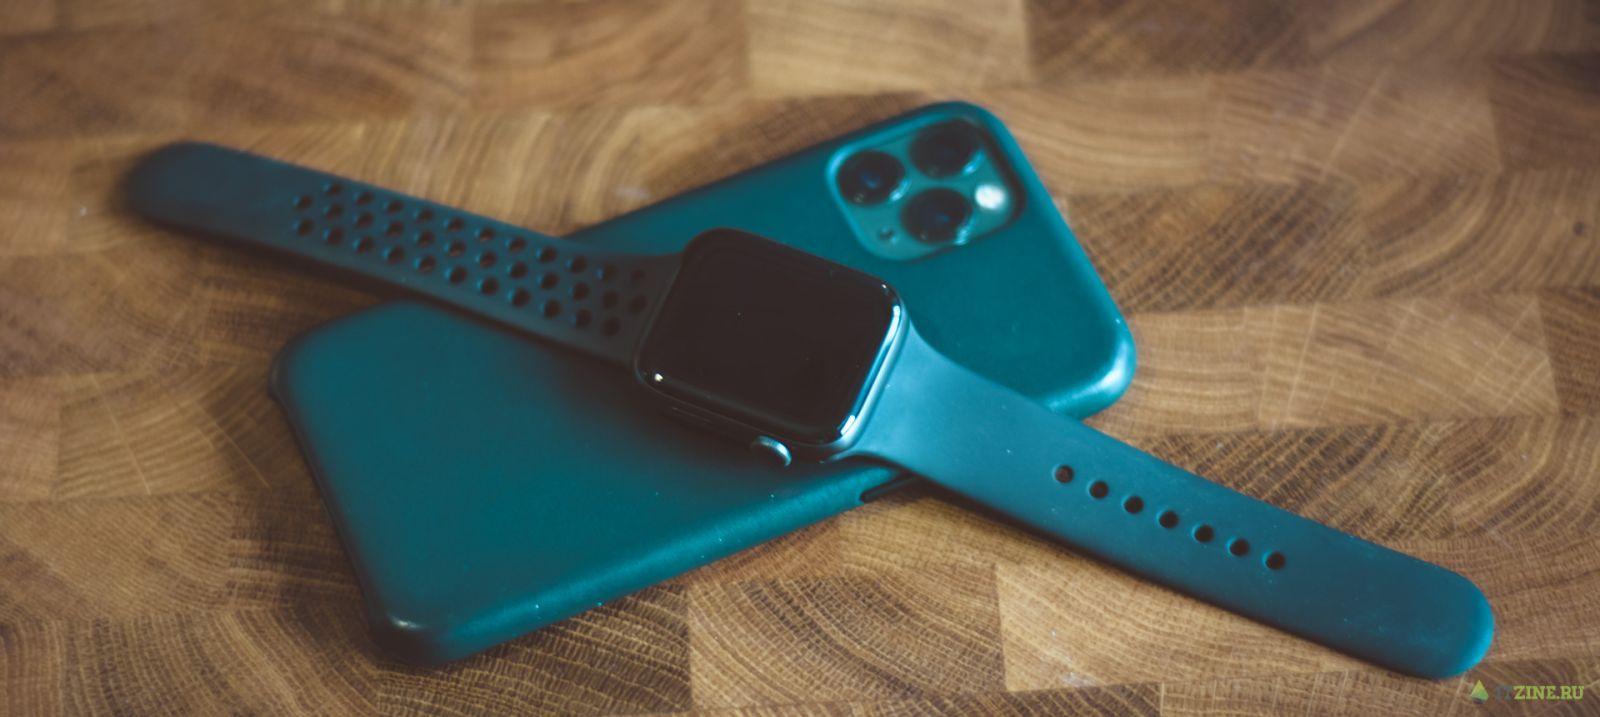 Как выбрать чехол для iPhone и ремешок для Apple Watch (apple watch 51 1)